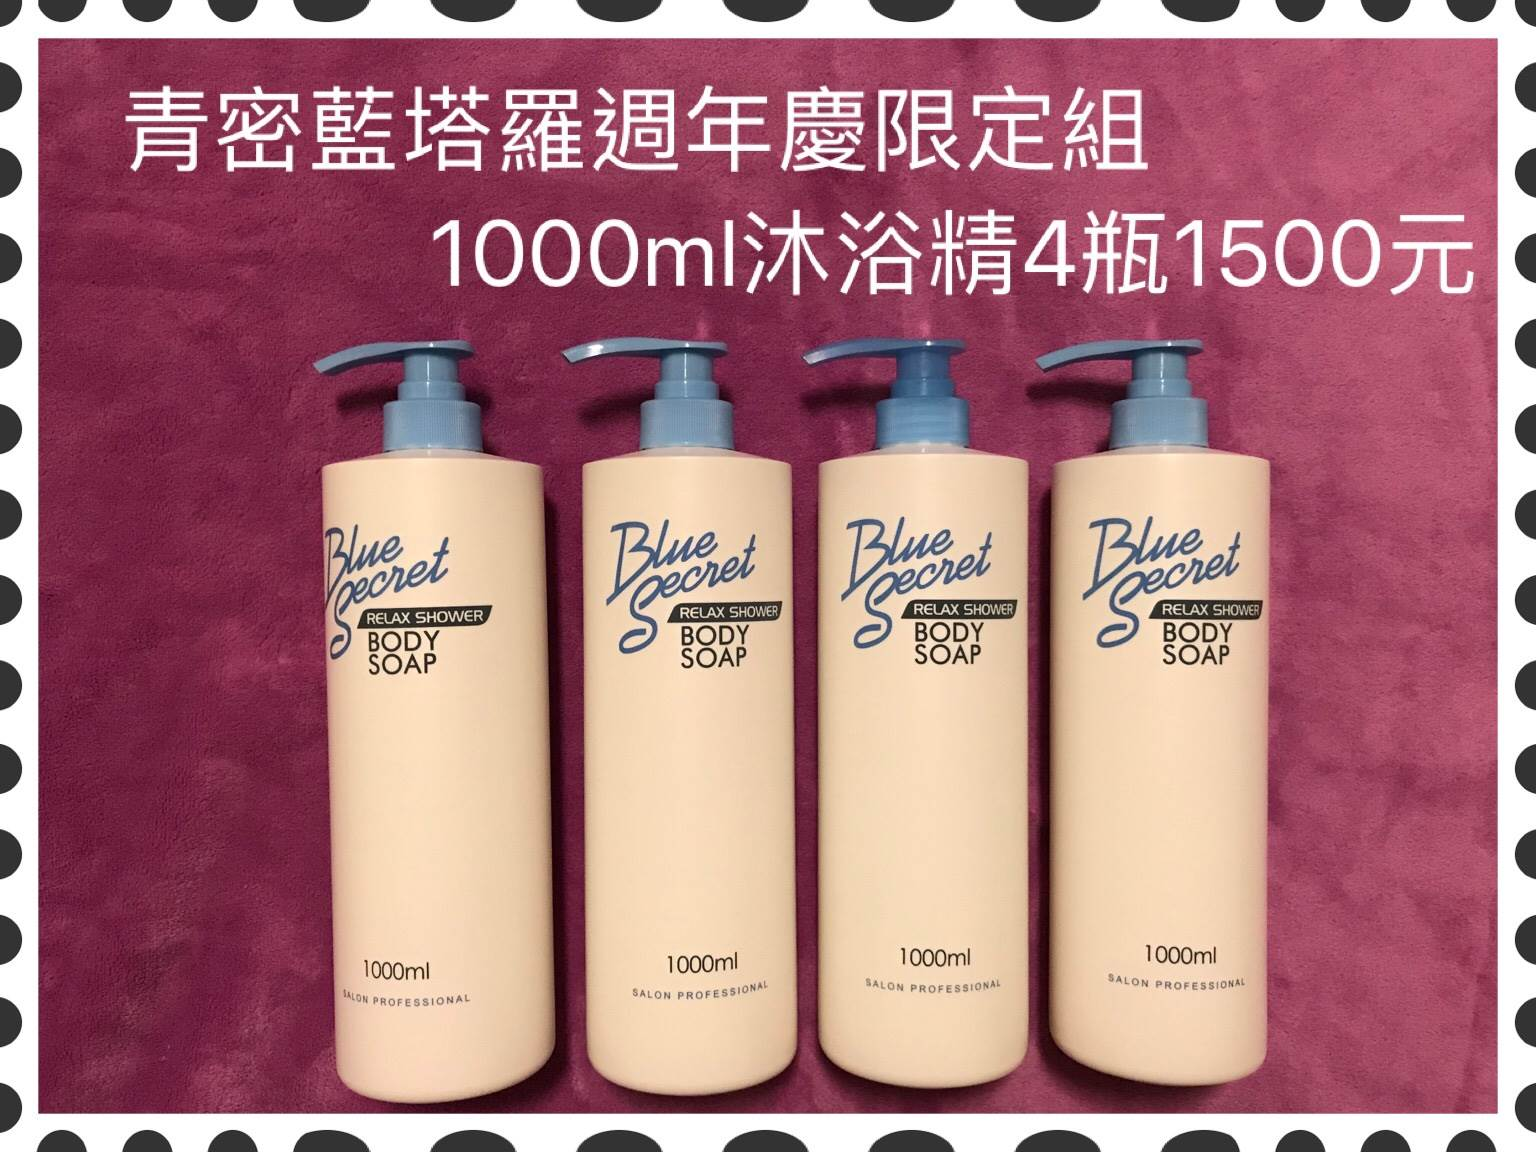 青密藍塔羅Blue Secret 週年慶限定 1000ml沐浴精四瓶一組只要1500元